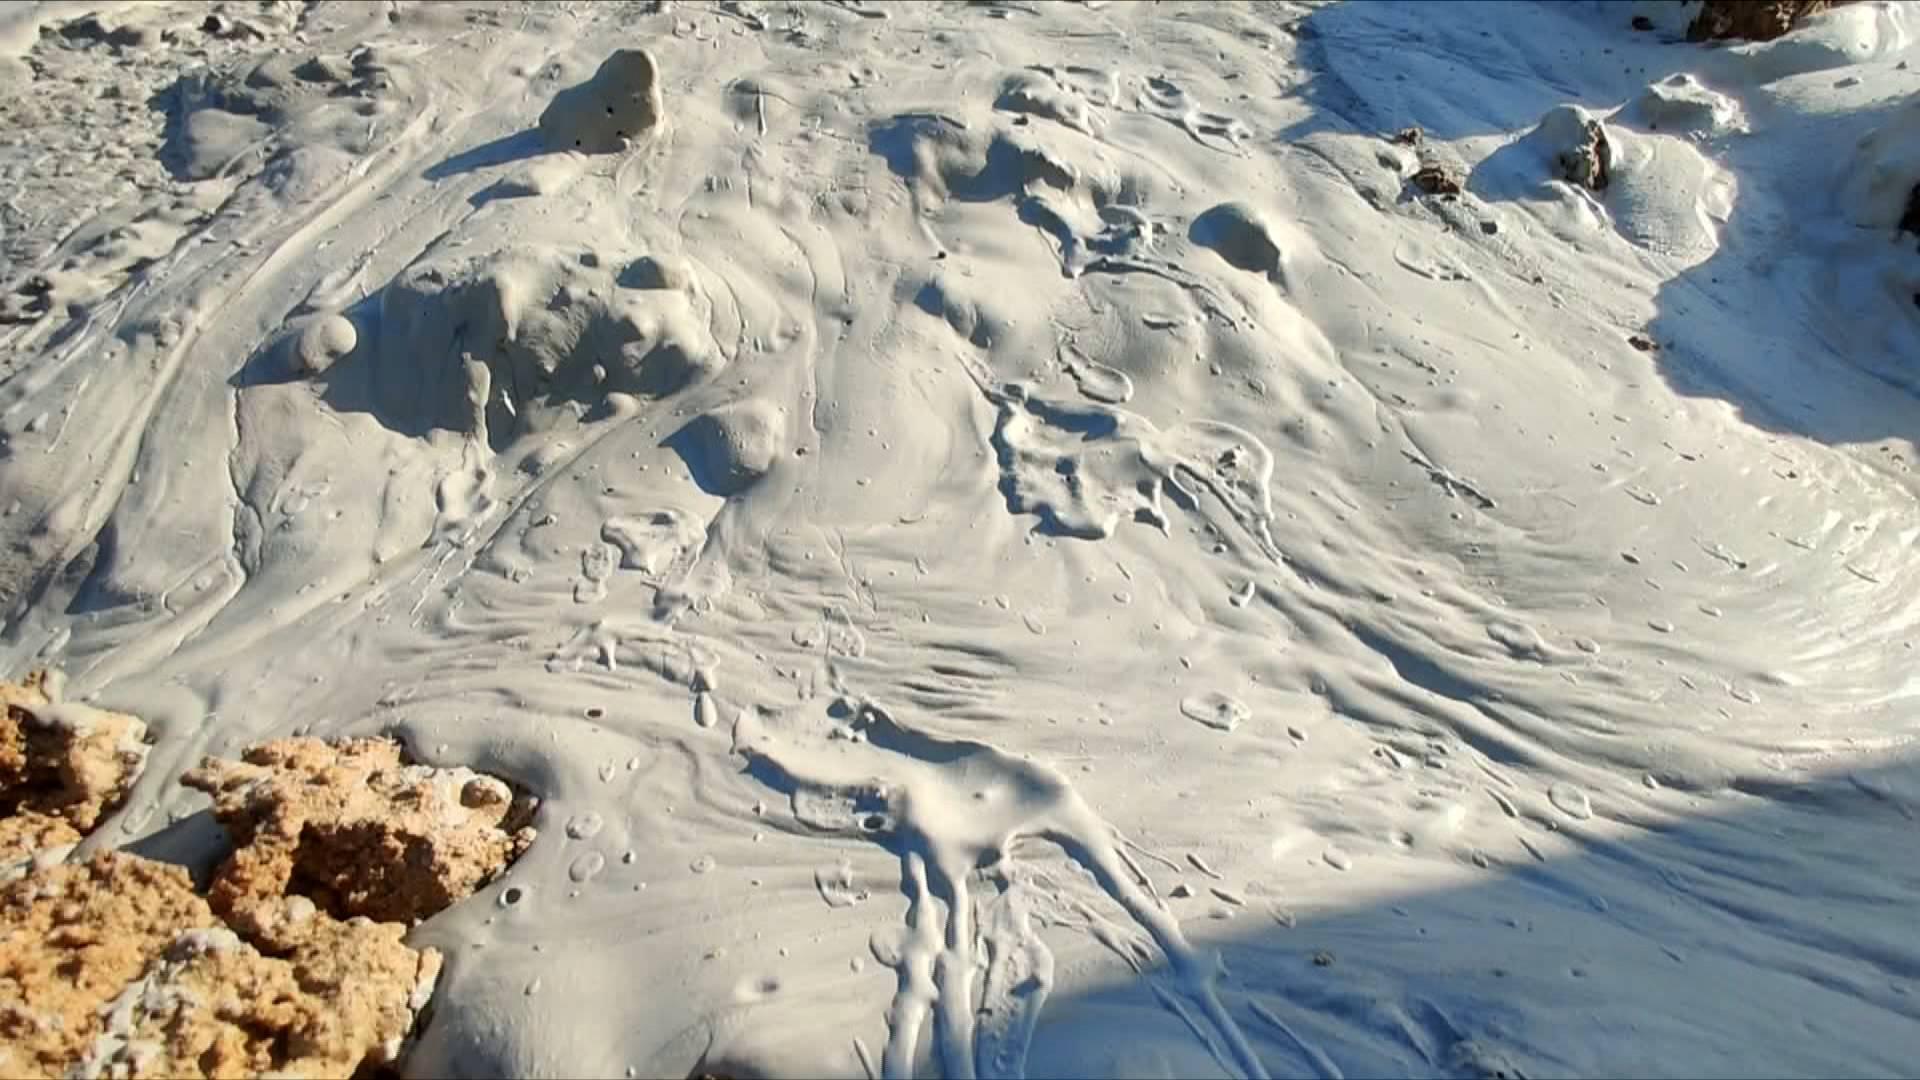 问政山东丨河道上倒满了白色锯泥 汶上、宁阳两县交界处到底归谁管?